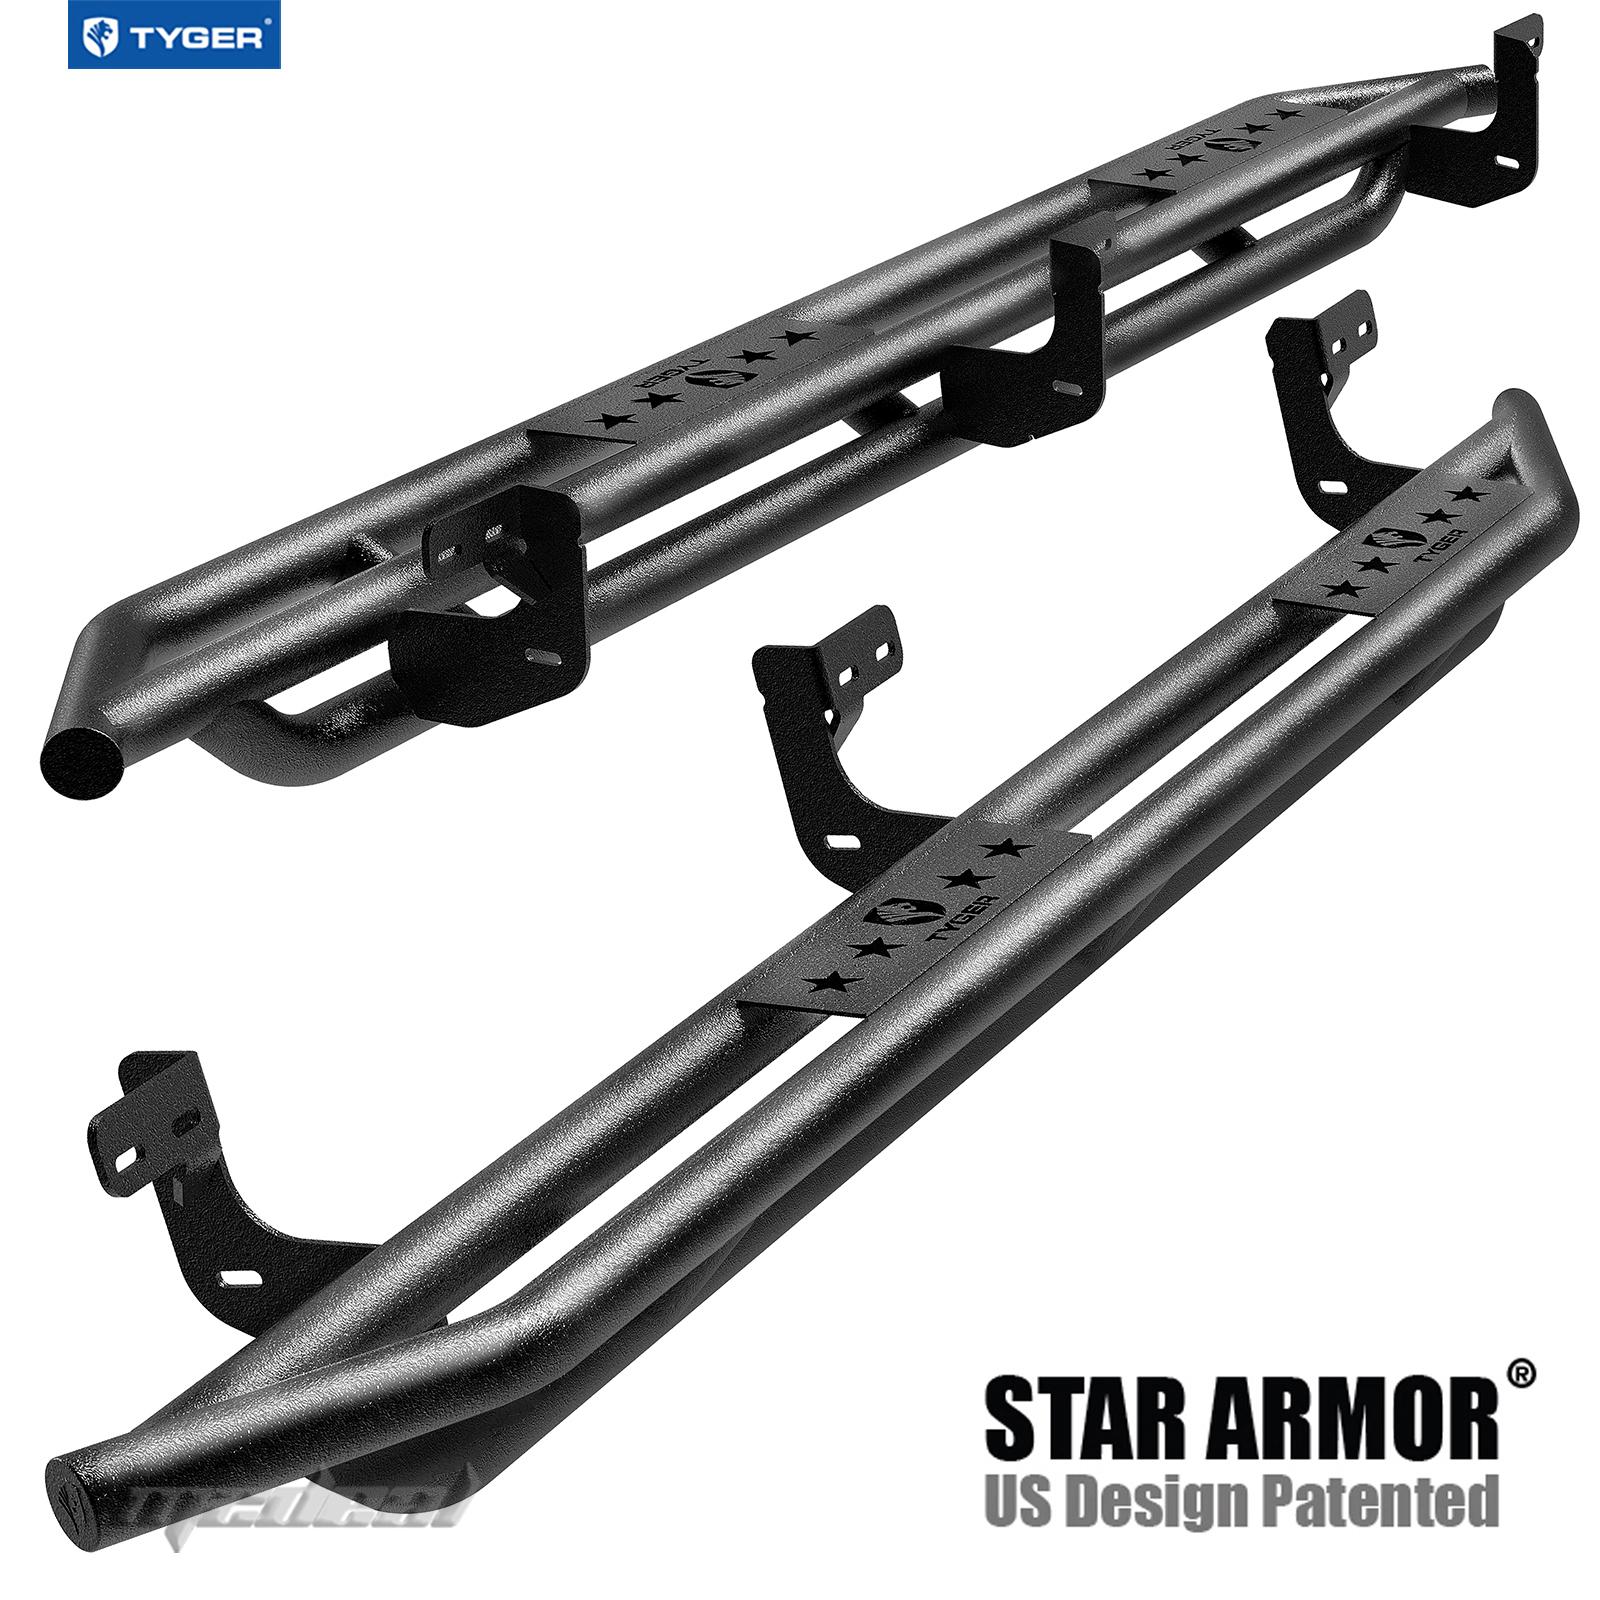 2017 Ram 2500 Regular Cab Camshaft: TYGER Star Armor Fit 2010-2017 Ram 2500/3500 Mega Cab